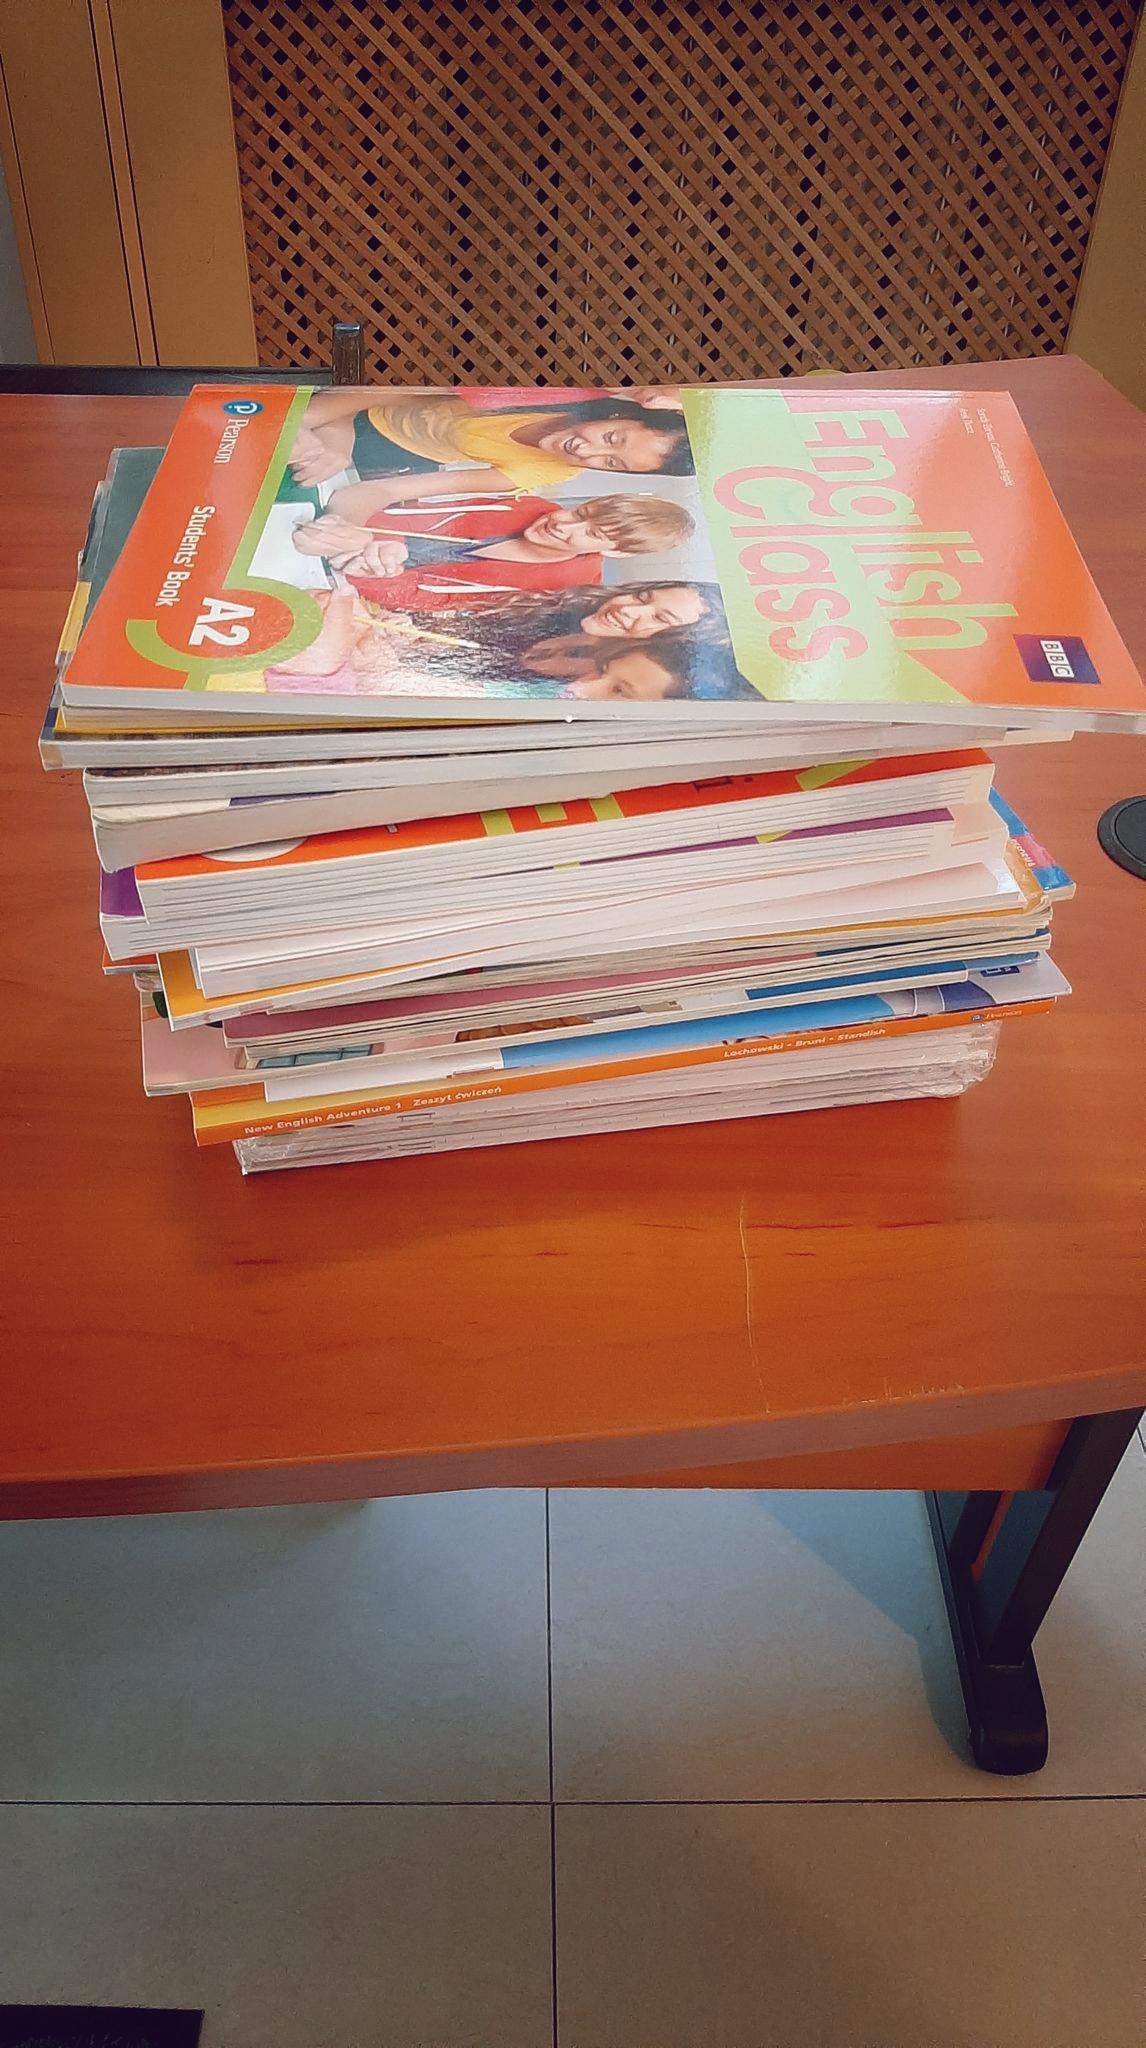 Edukacja Domowa - Skąd podręczniki? Czy daje je szkoła? #9